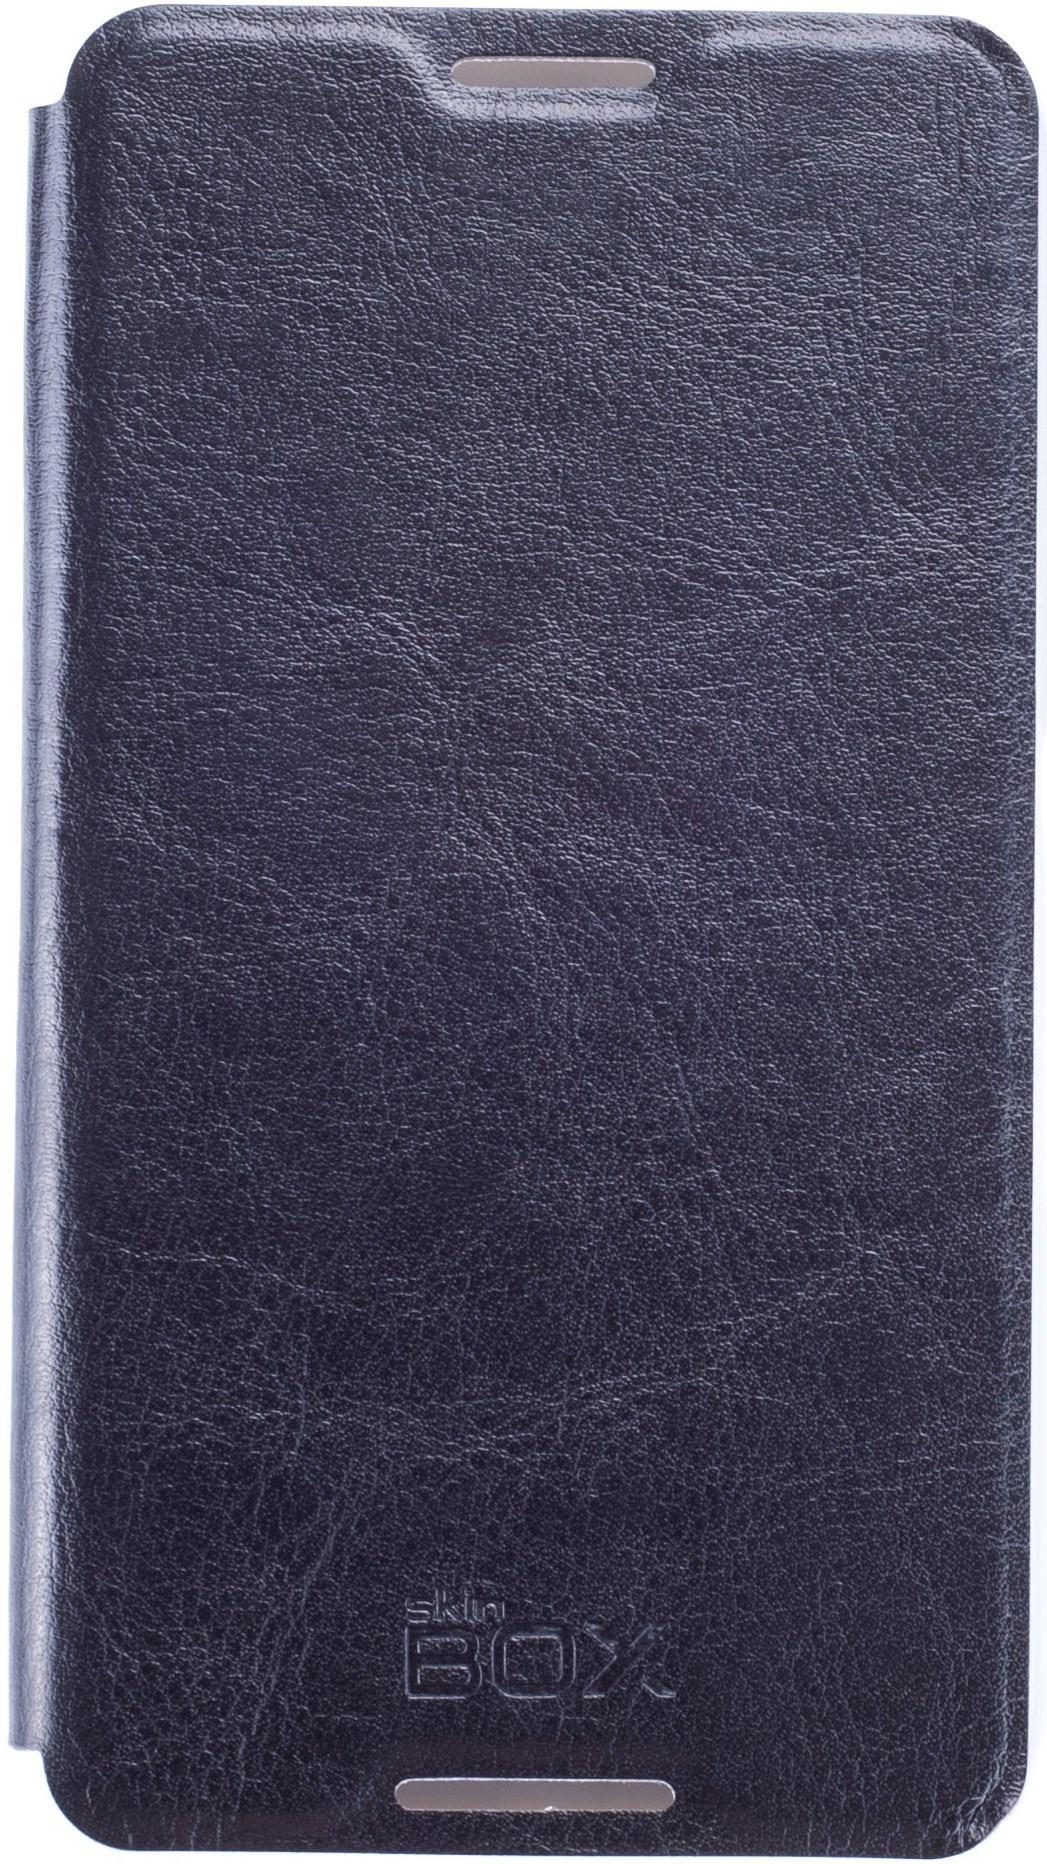 Чехол для сотового телефона skinBOX Lux, 4660041406771, черный